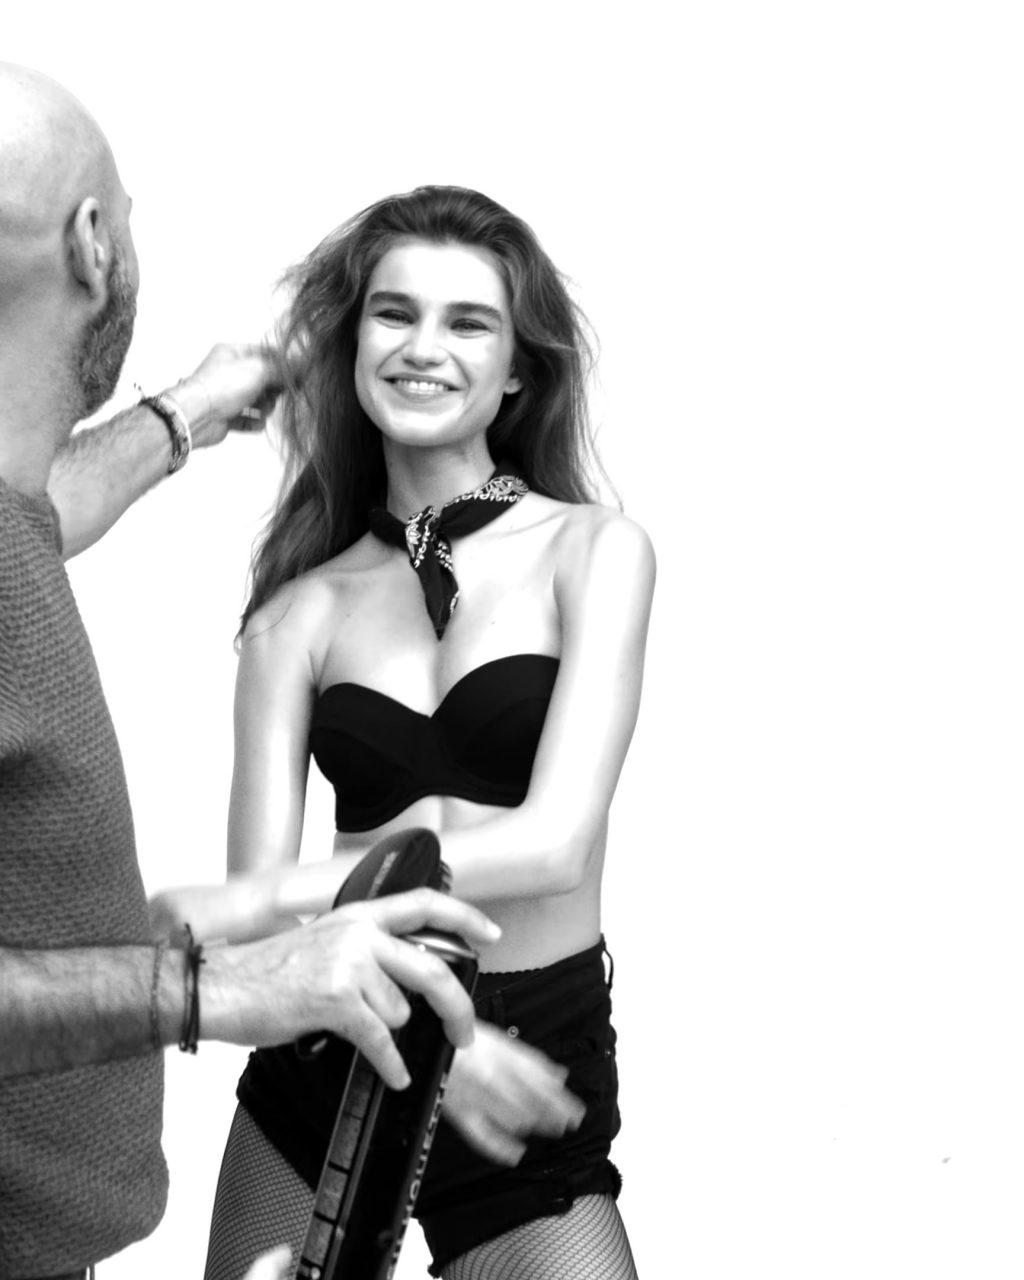 V Magazine 2020 Nude Calendar (47 Photos + Video)